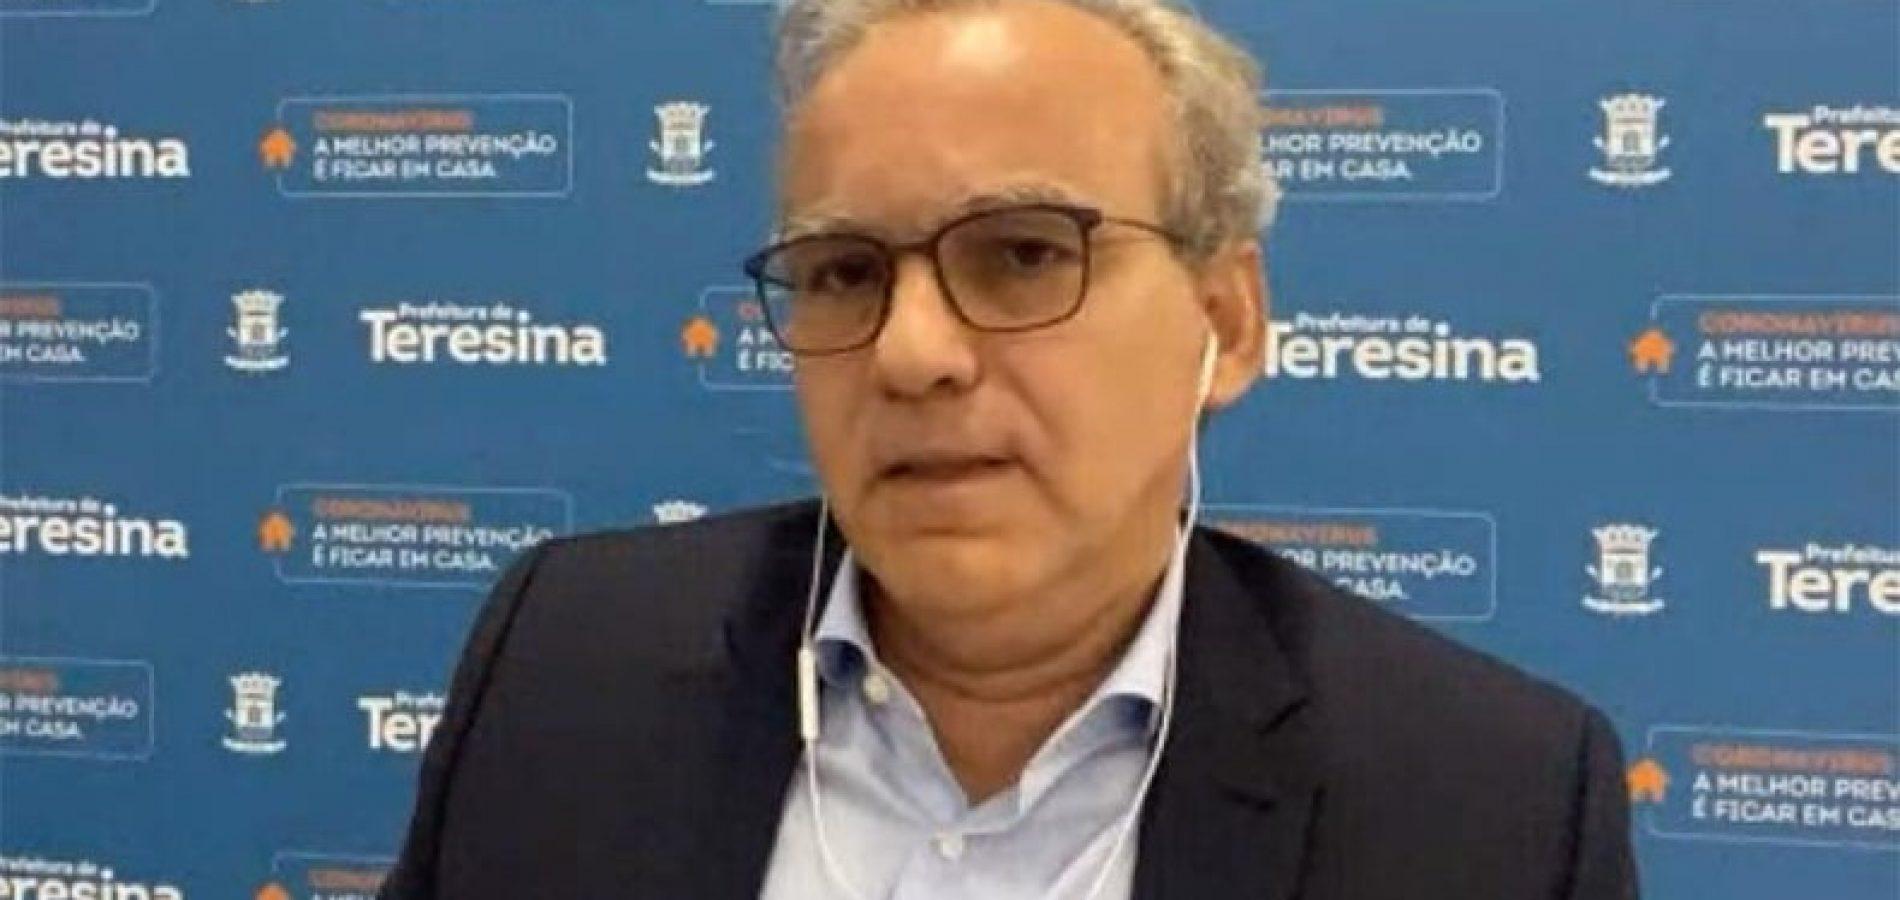 Novo exame do prefeito de Teresina dá negativo para coronavírus: 'De volta ao trabalho'